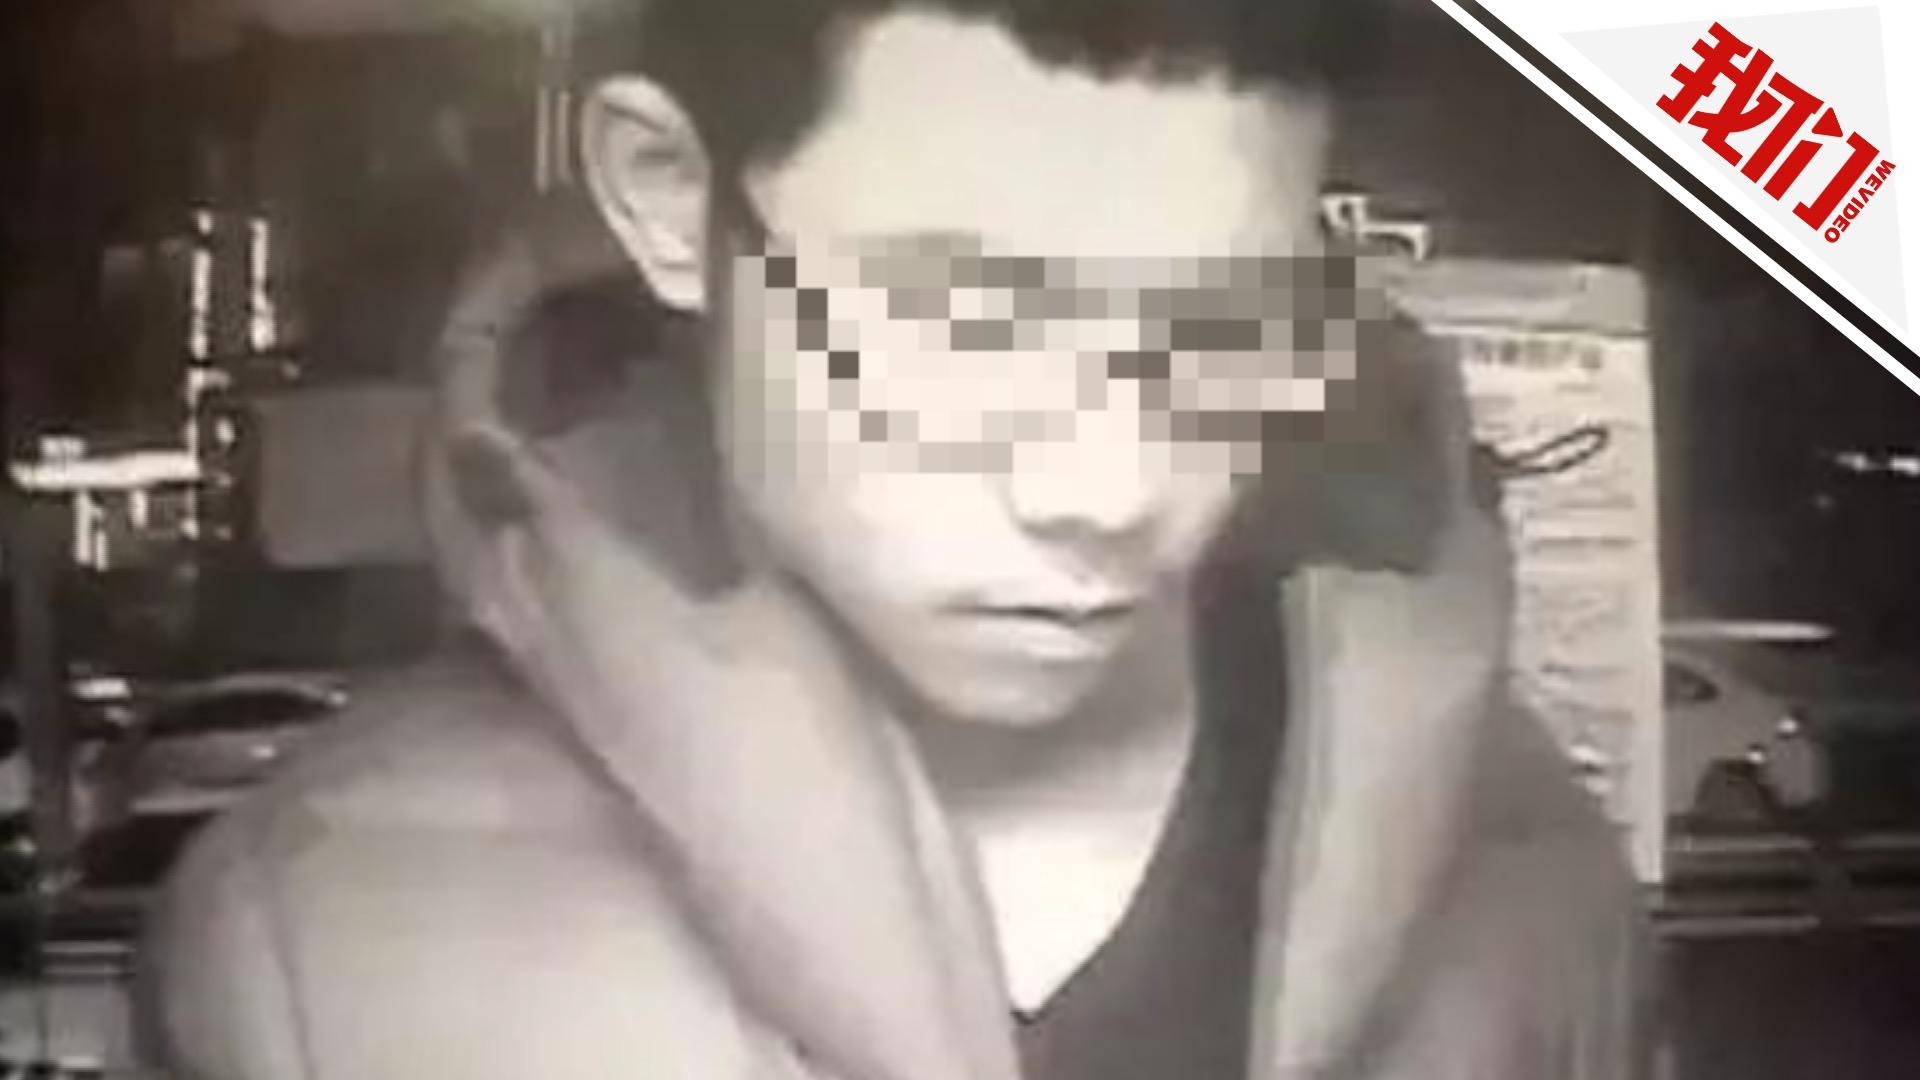 北大学子弑母案嫌疑人被抓案件最新消息 揭秘嫌疑人吴谢宇逃亡三年附弑母案事件回顾